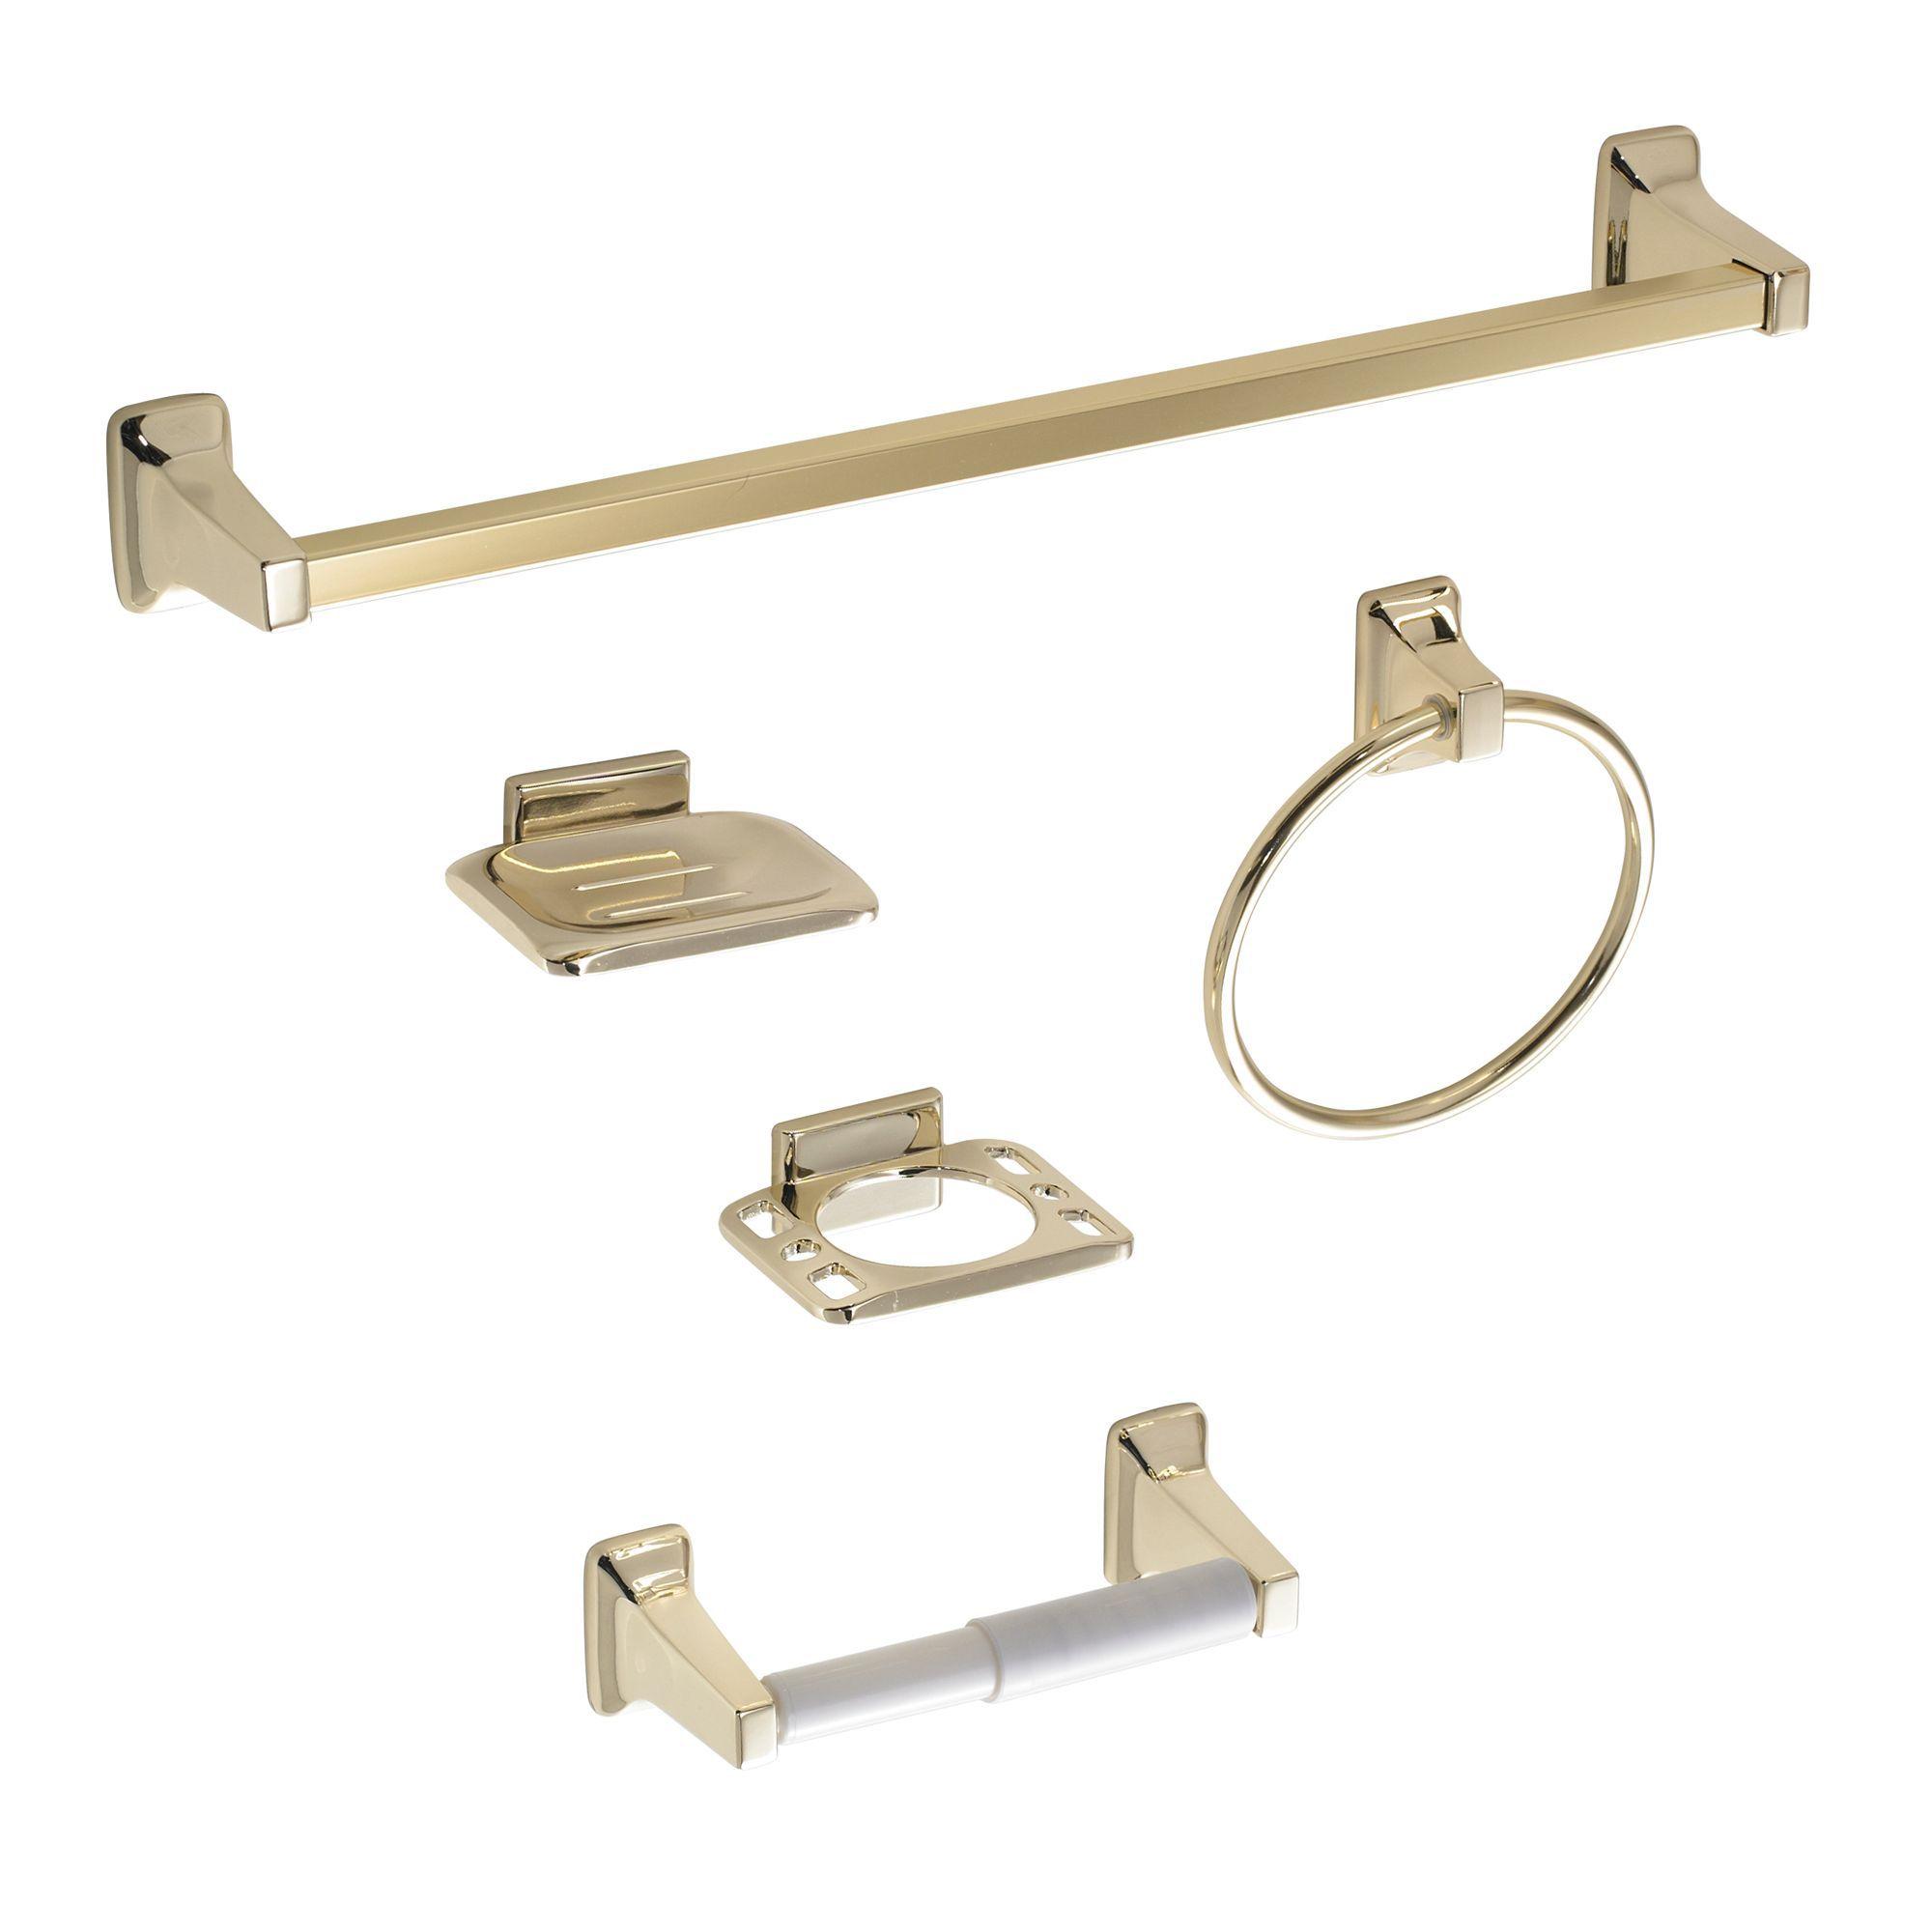 B Amp Q Amalfi Gold Effect Zinc Alloy Bathroom Accessory Set